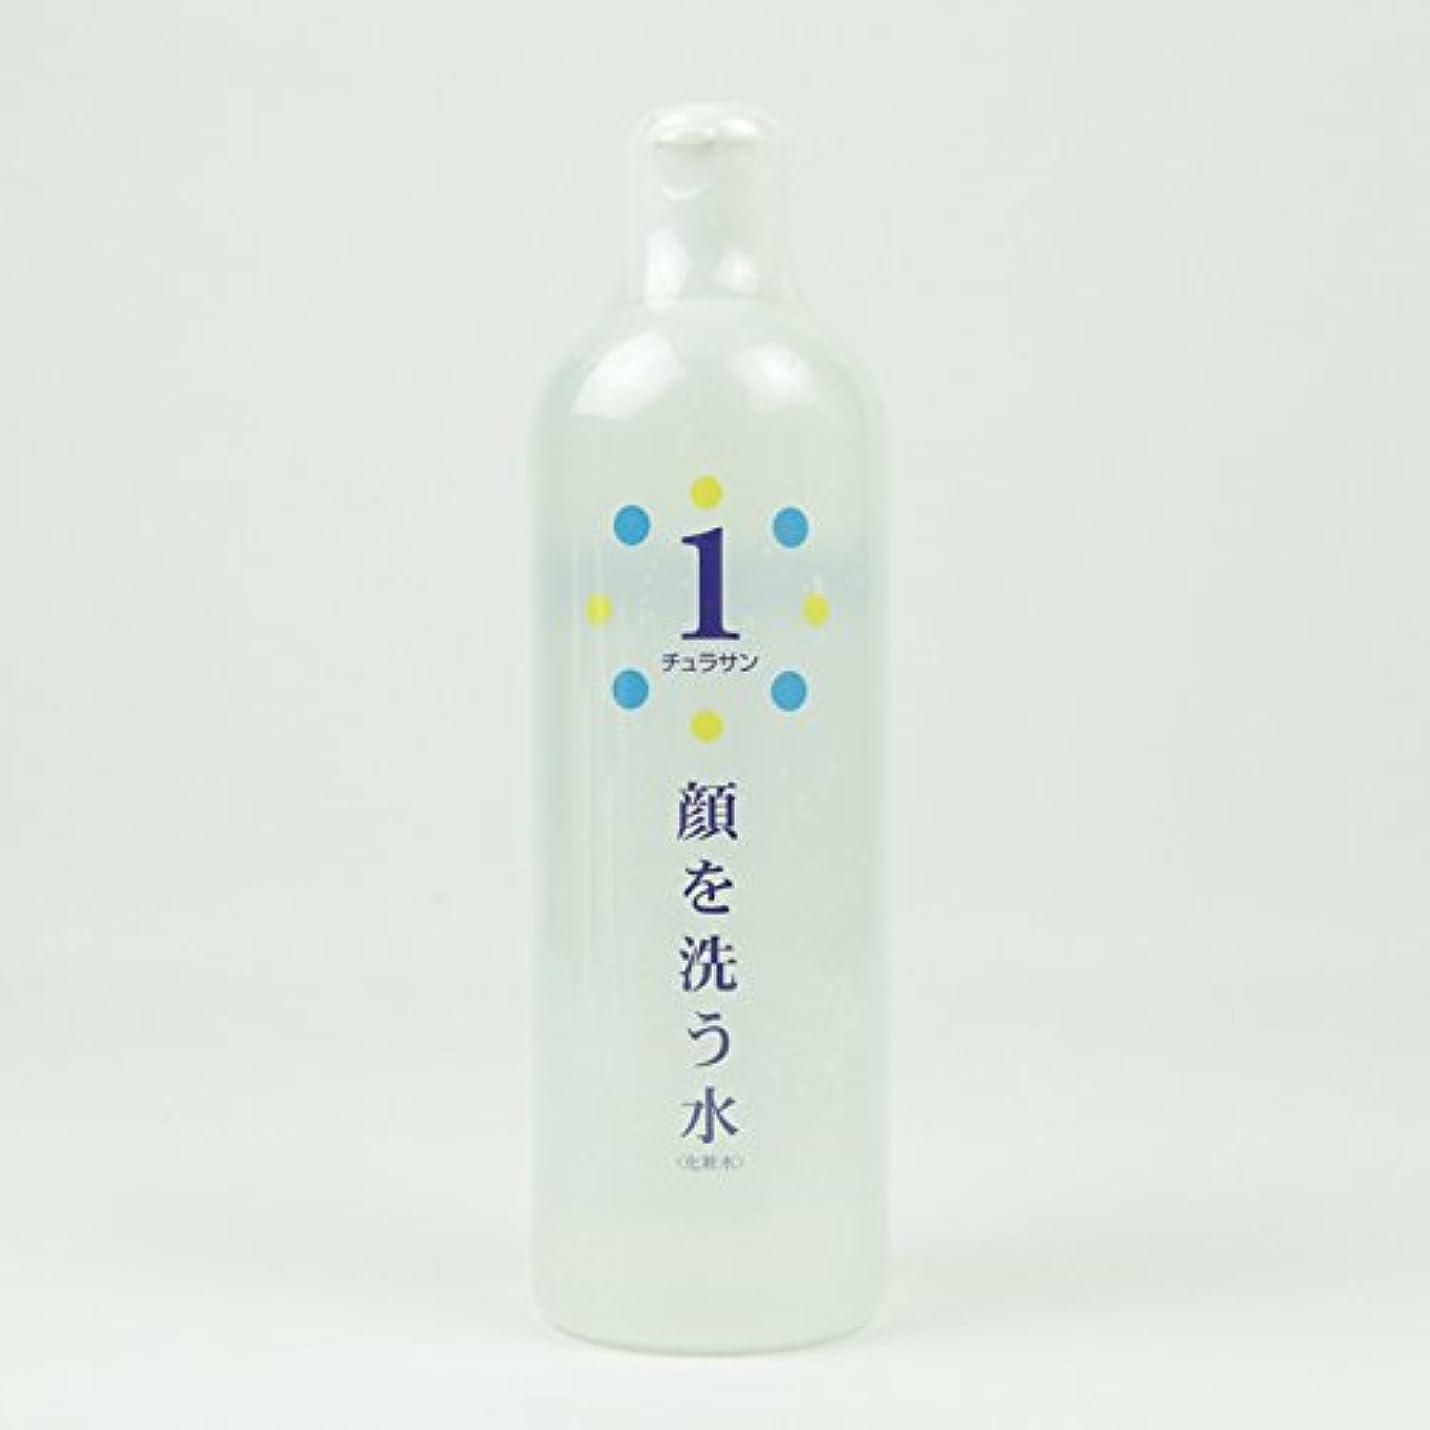 必要ない添加パーツチュラサン1 【顔を洗う水】 500ml